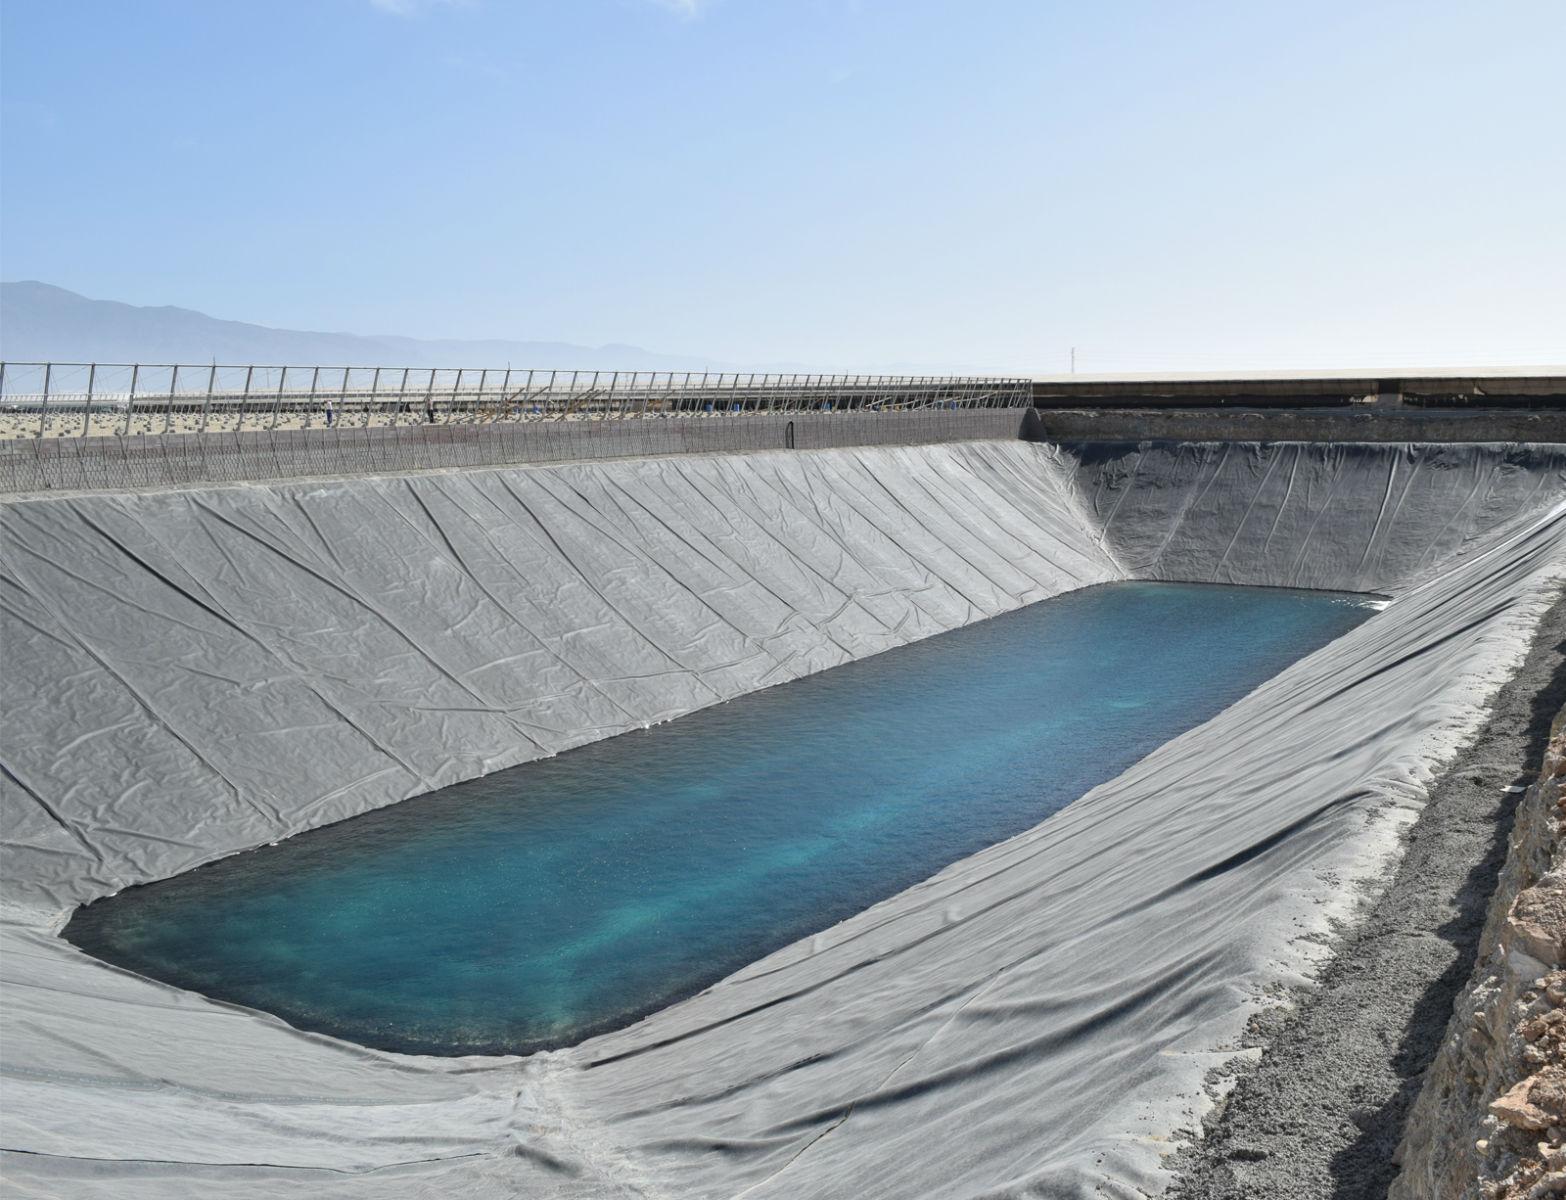 Proyecto-Agroclean-Invernaderos-Otros-Proyectos-Balsa-01